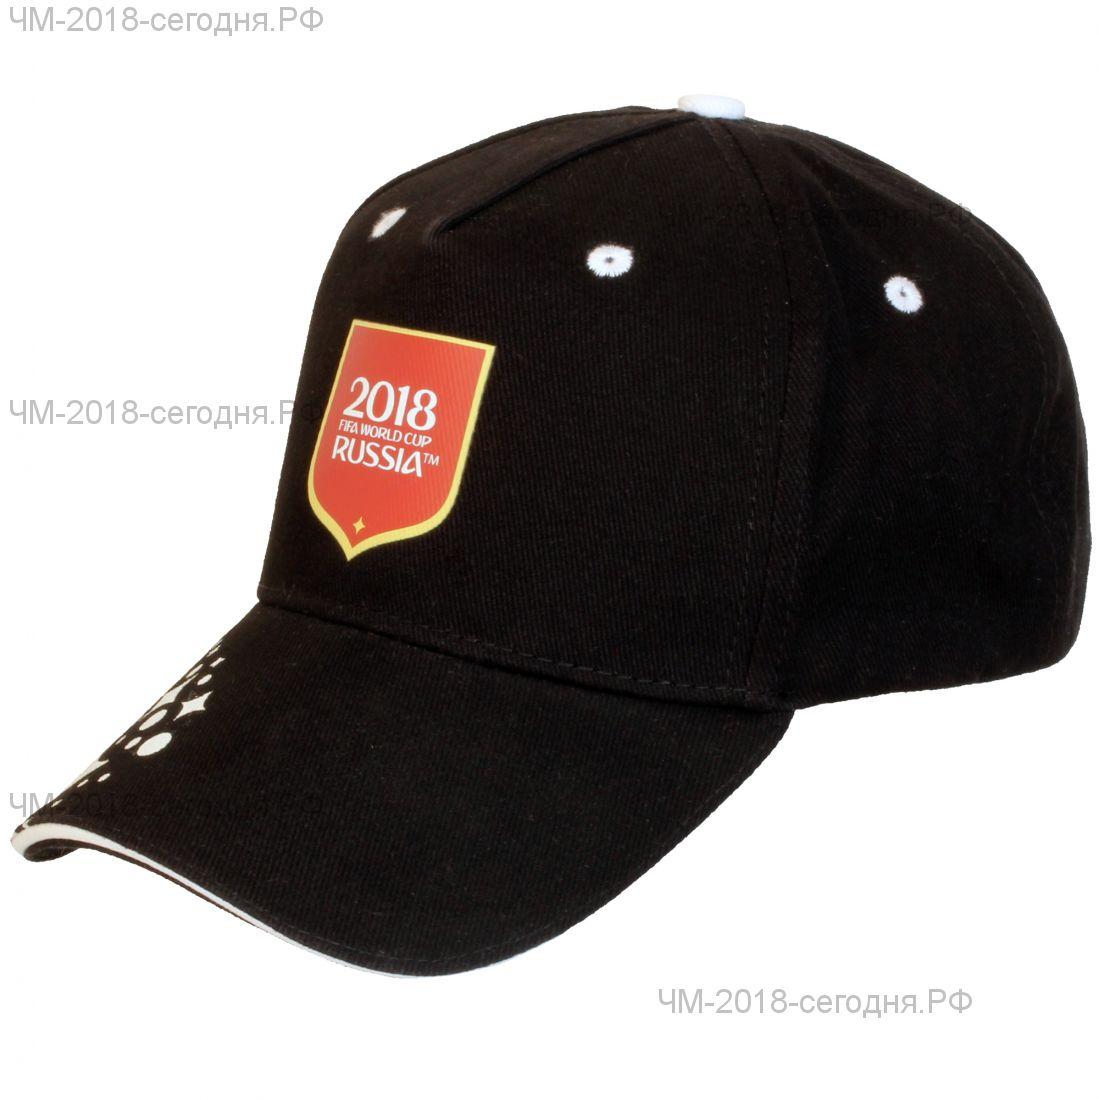 Бейсболка черная Логотип ФИФА-2018